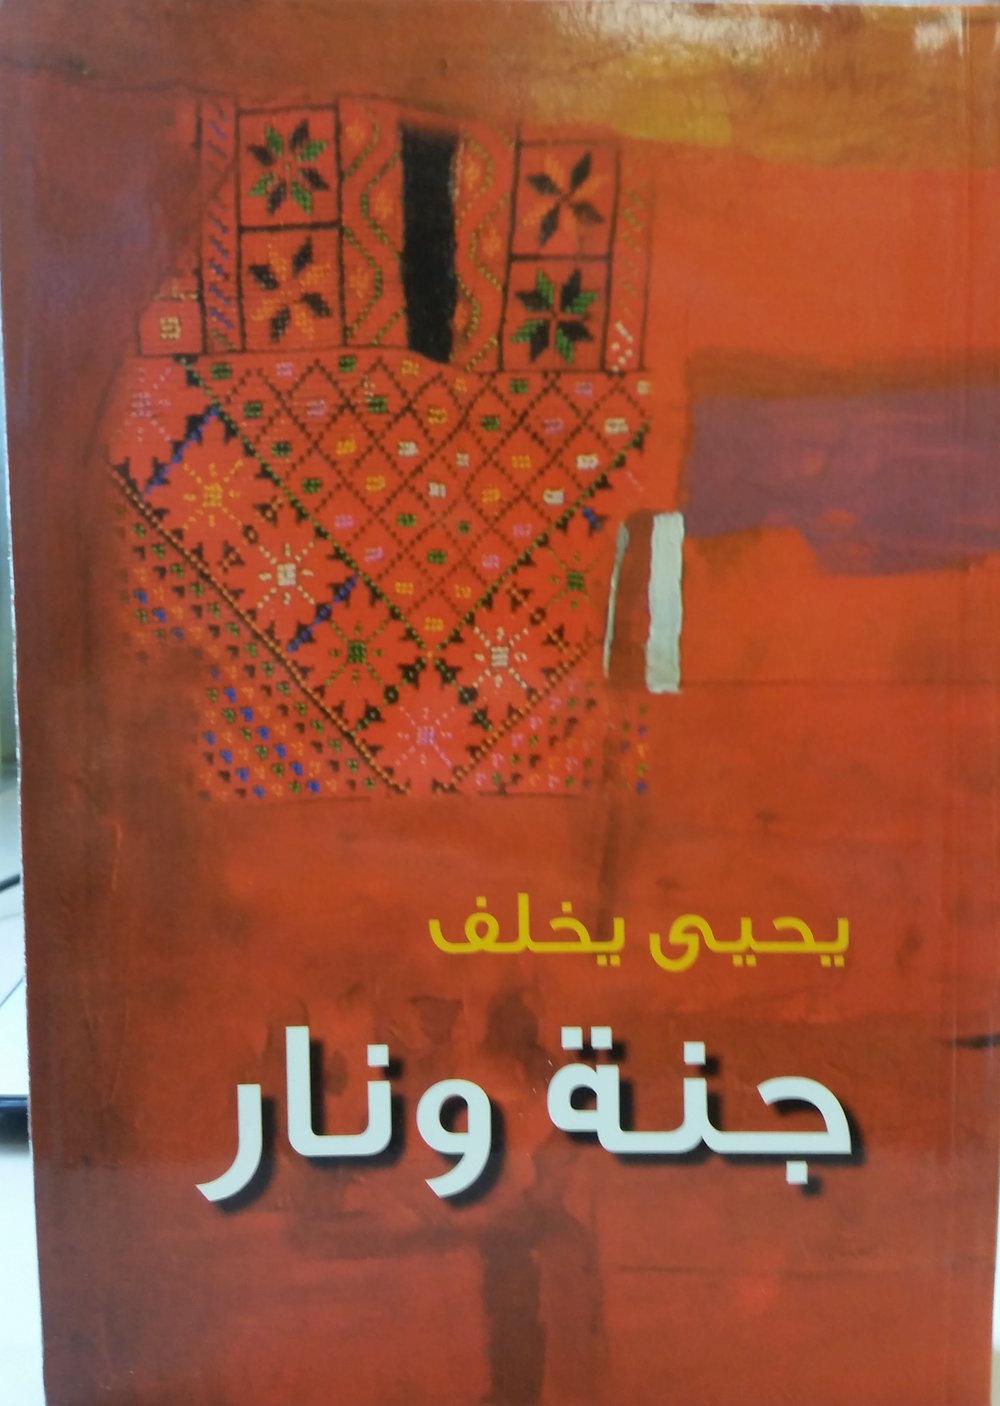 Yaḥyā Yakhlif (al-Qāhirah: Dār al-Shurūq, 2011)